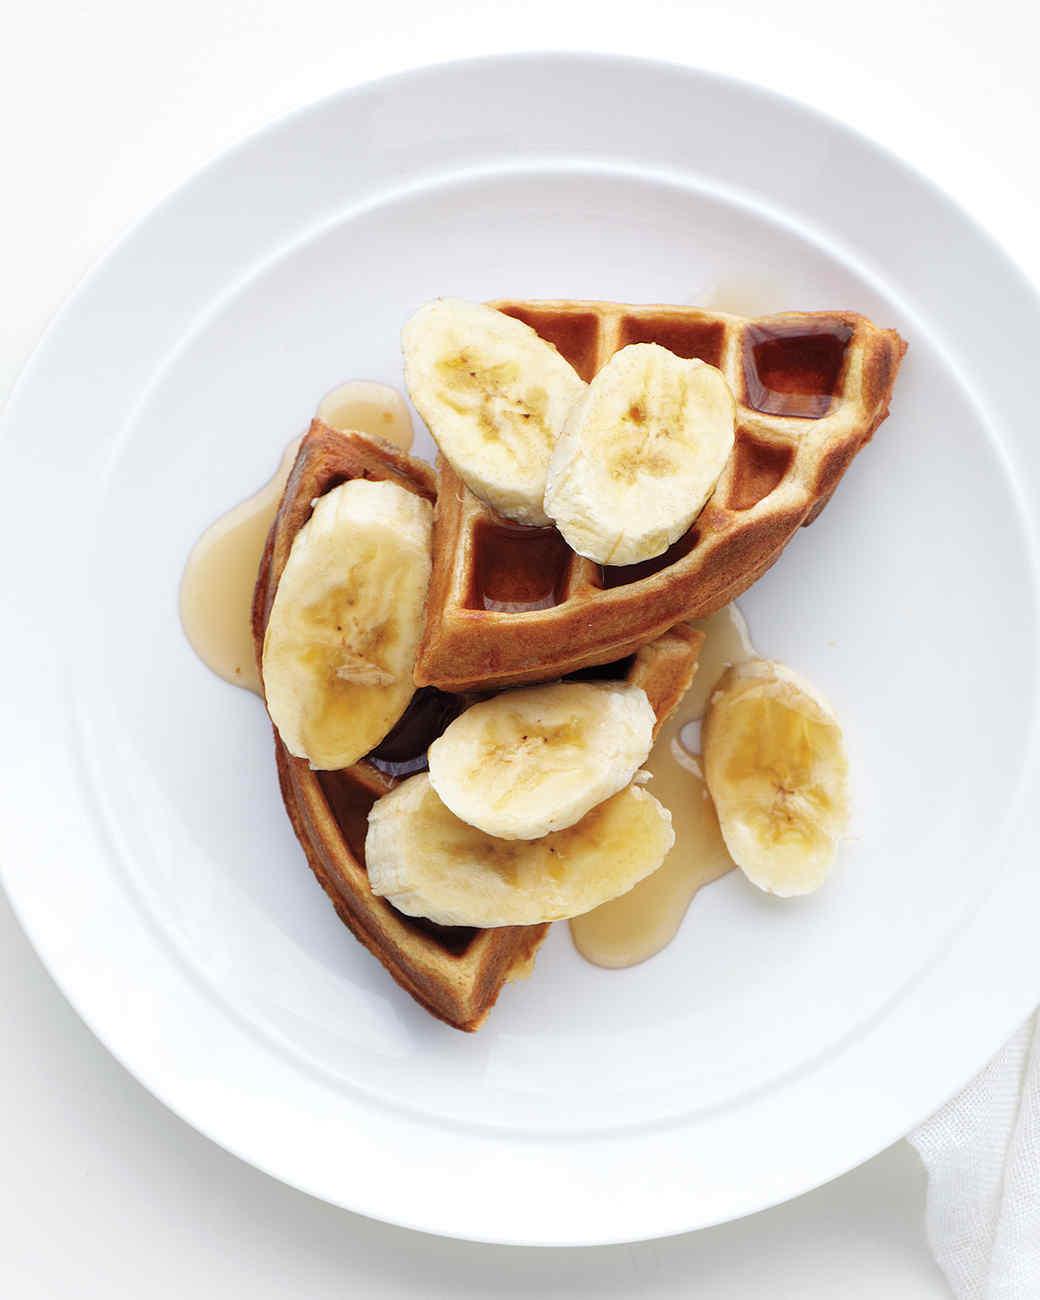 peanut-butter-waffle-0511med107240.jpg